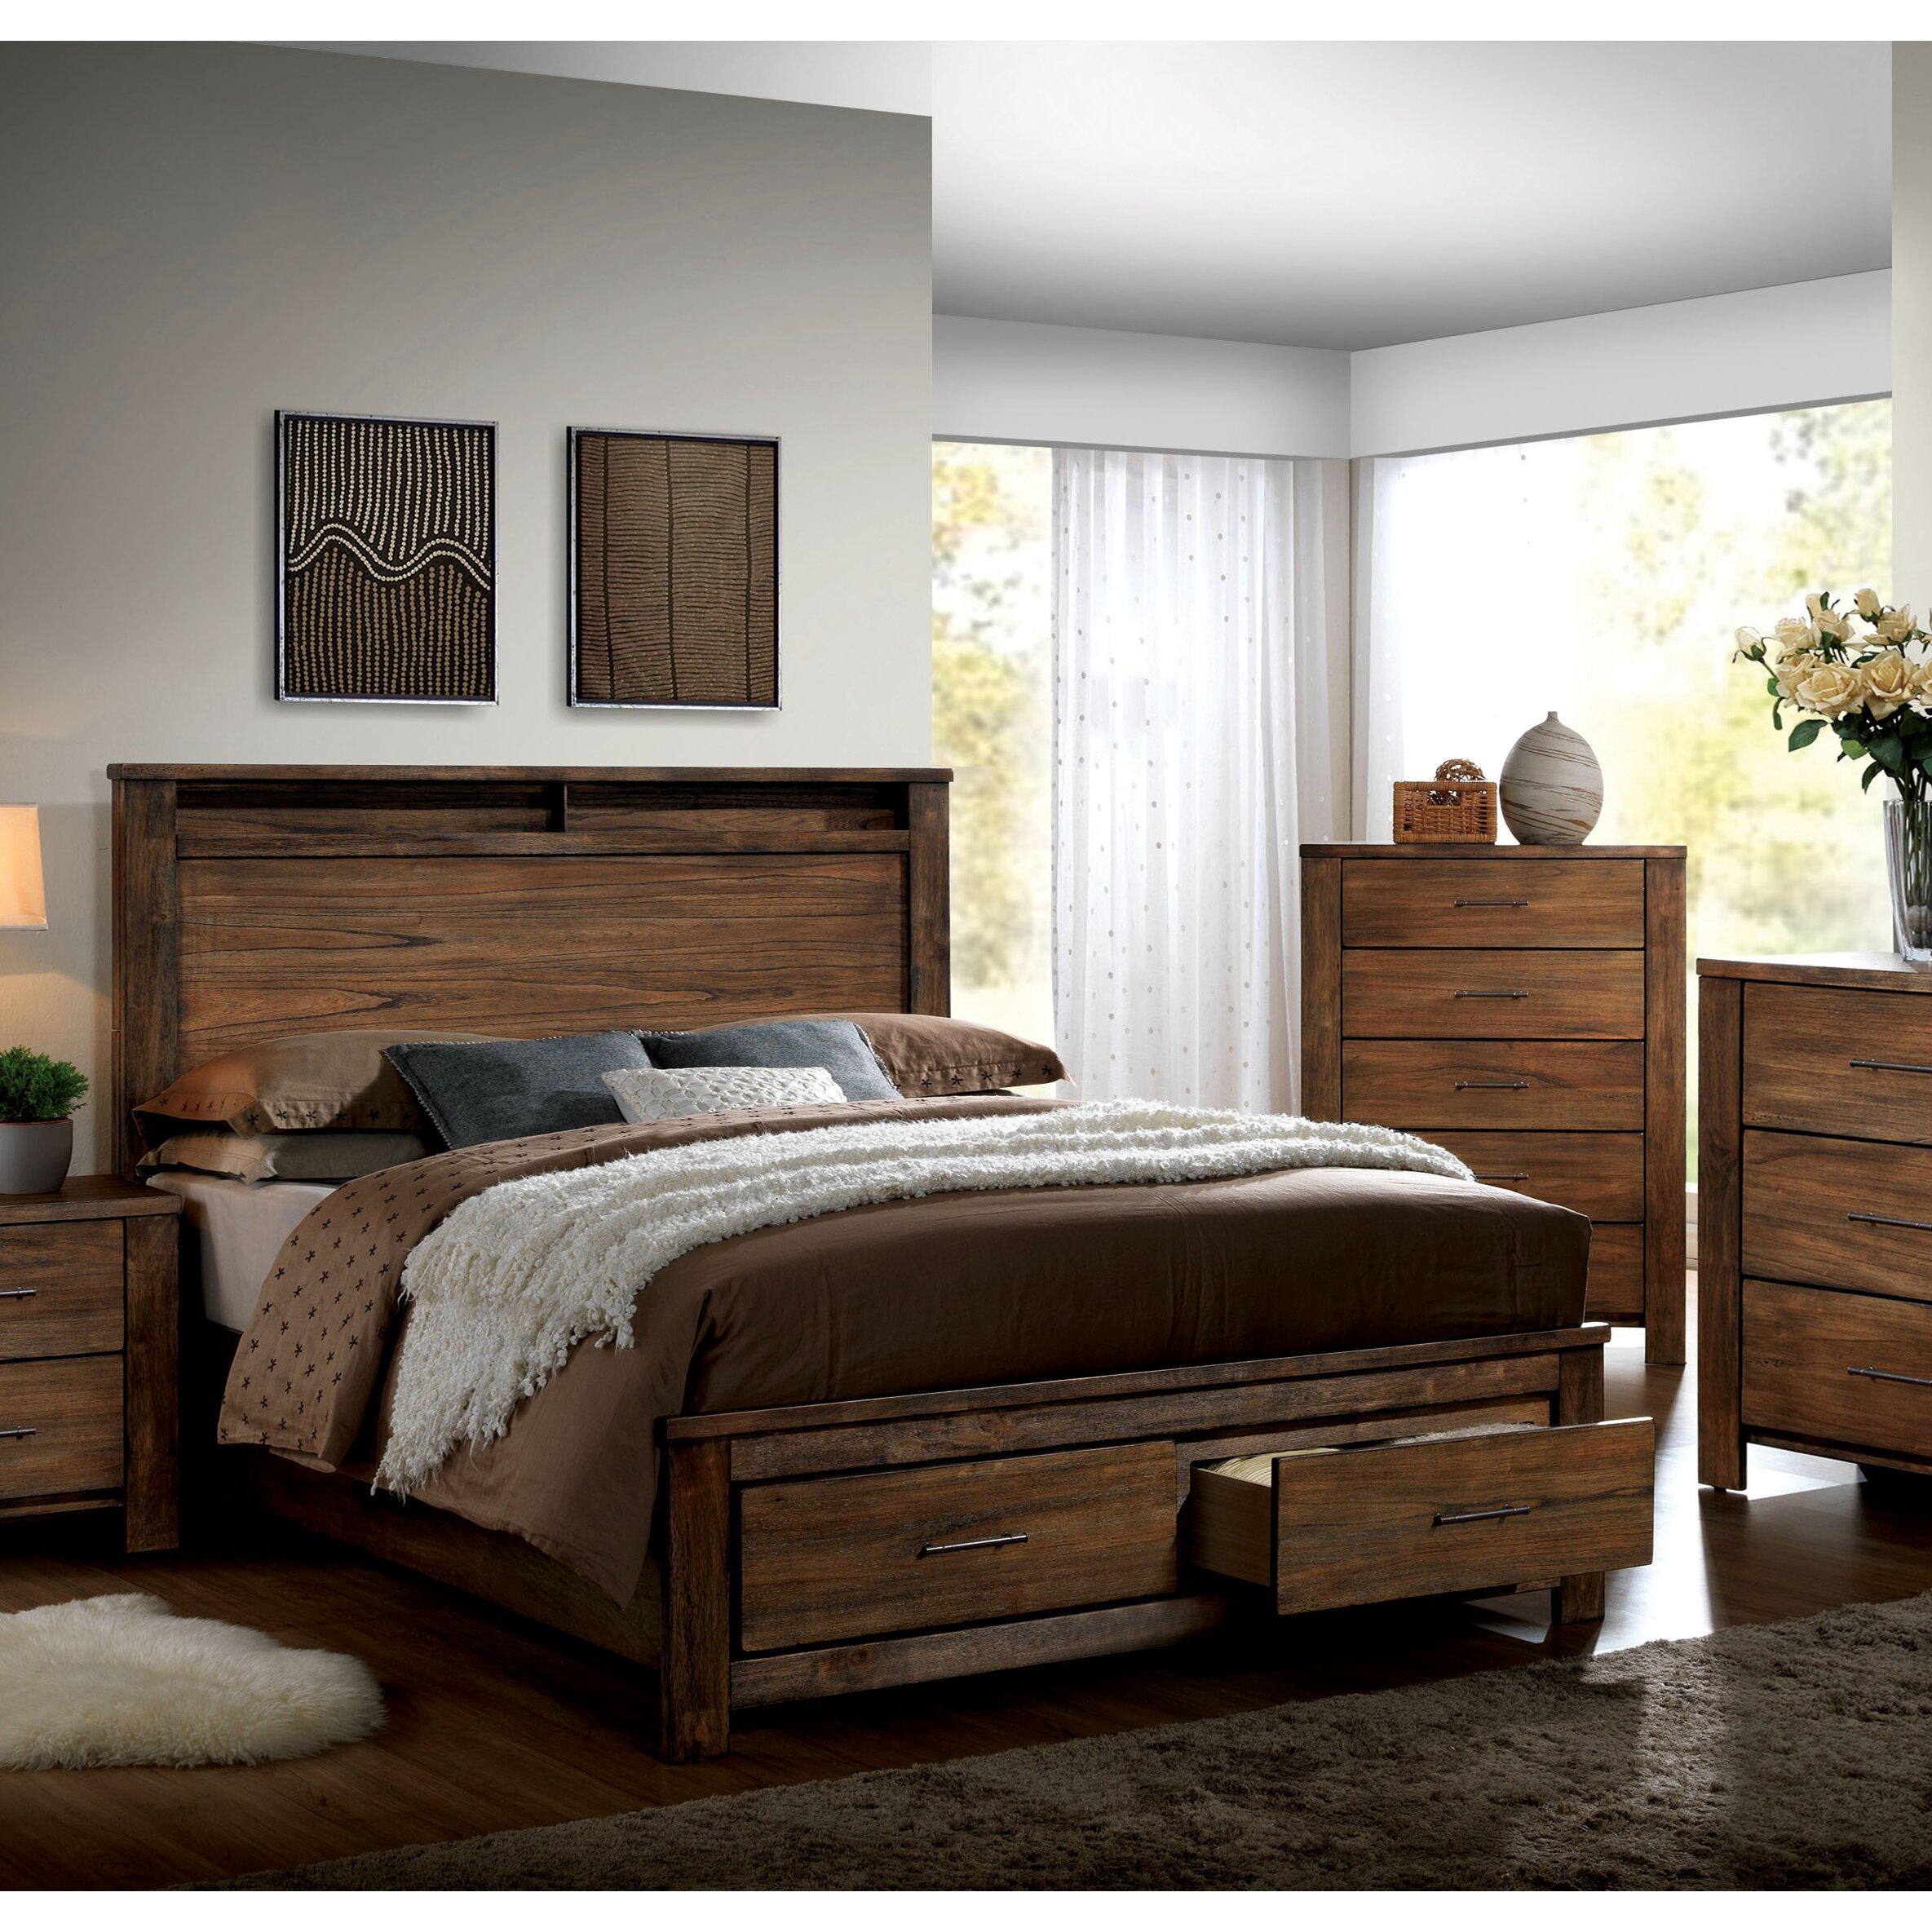 Exclusive Queen Size Platform Bedroom Sets Furniture Trend Home